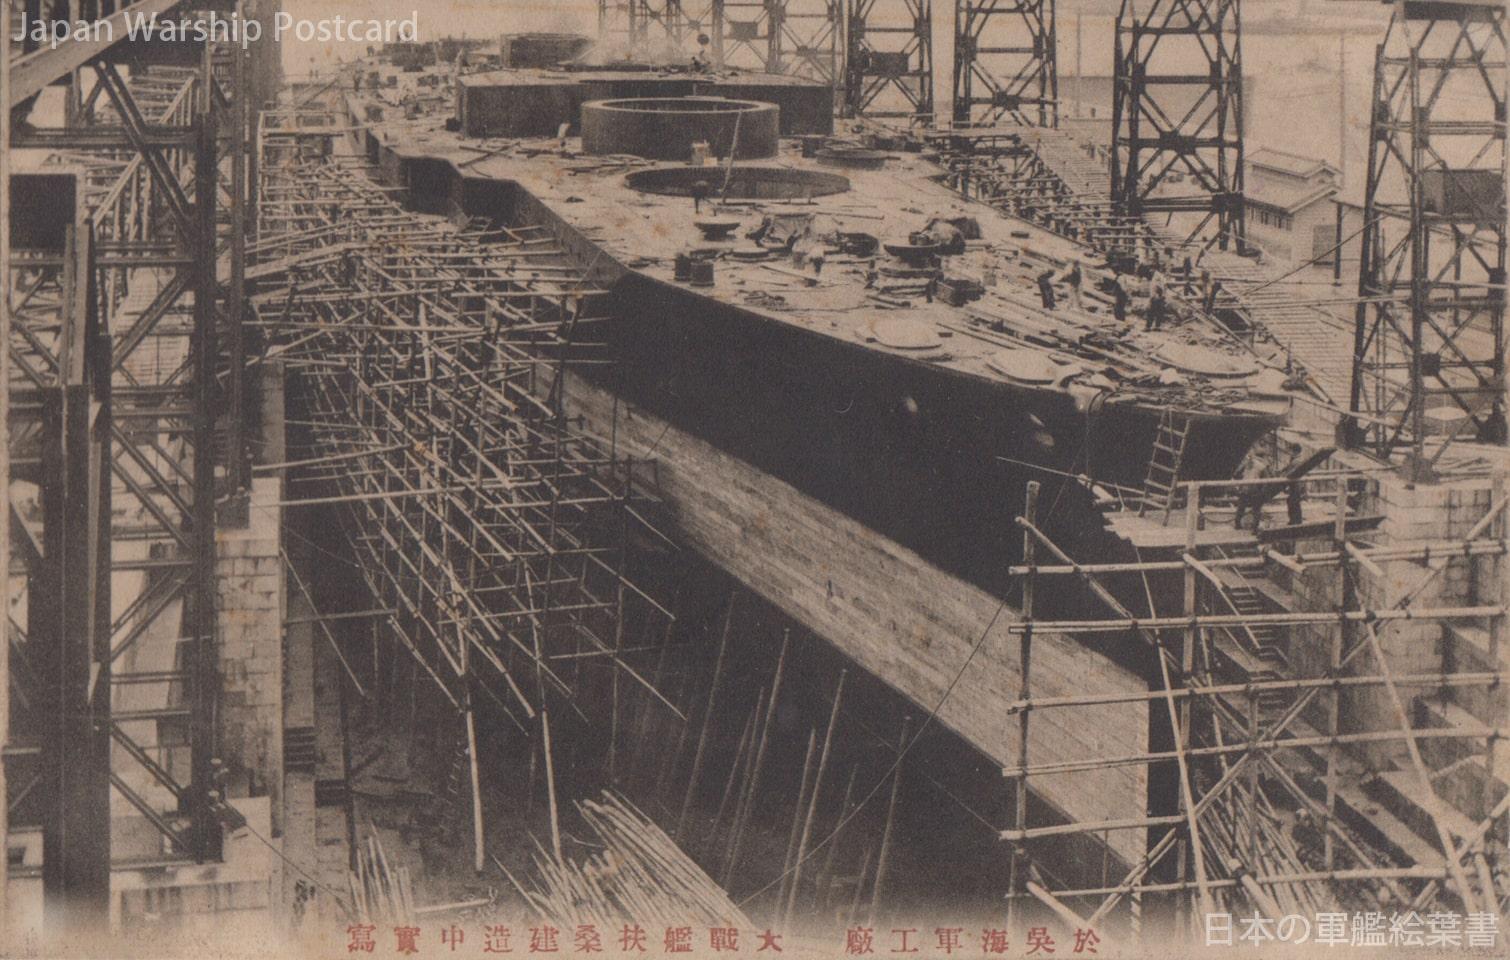 於呉海軍工廠 大戦艦扶桑建造中実写